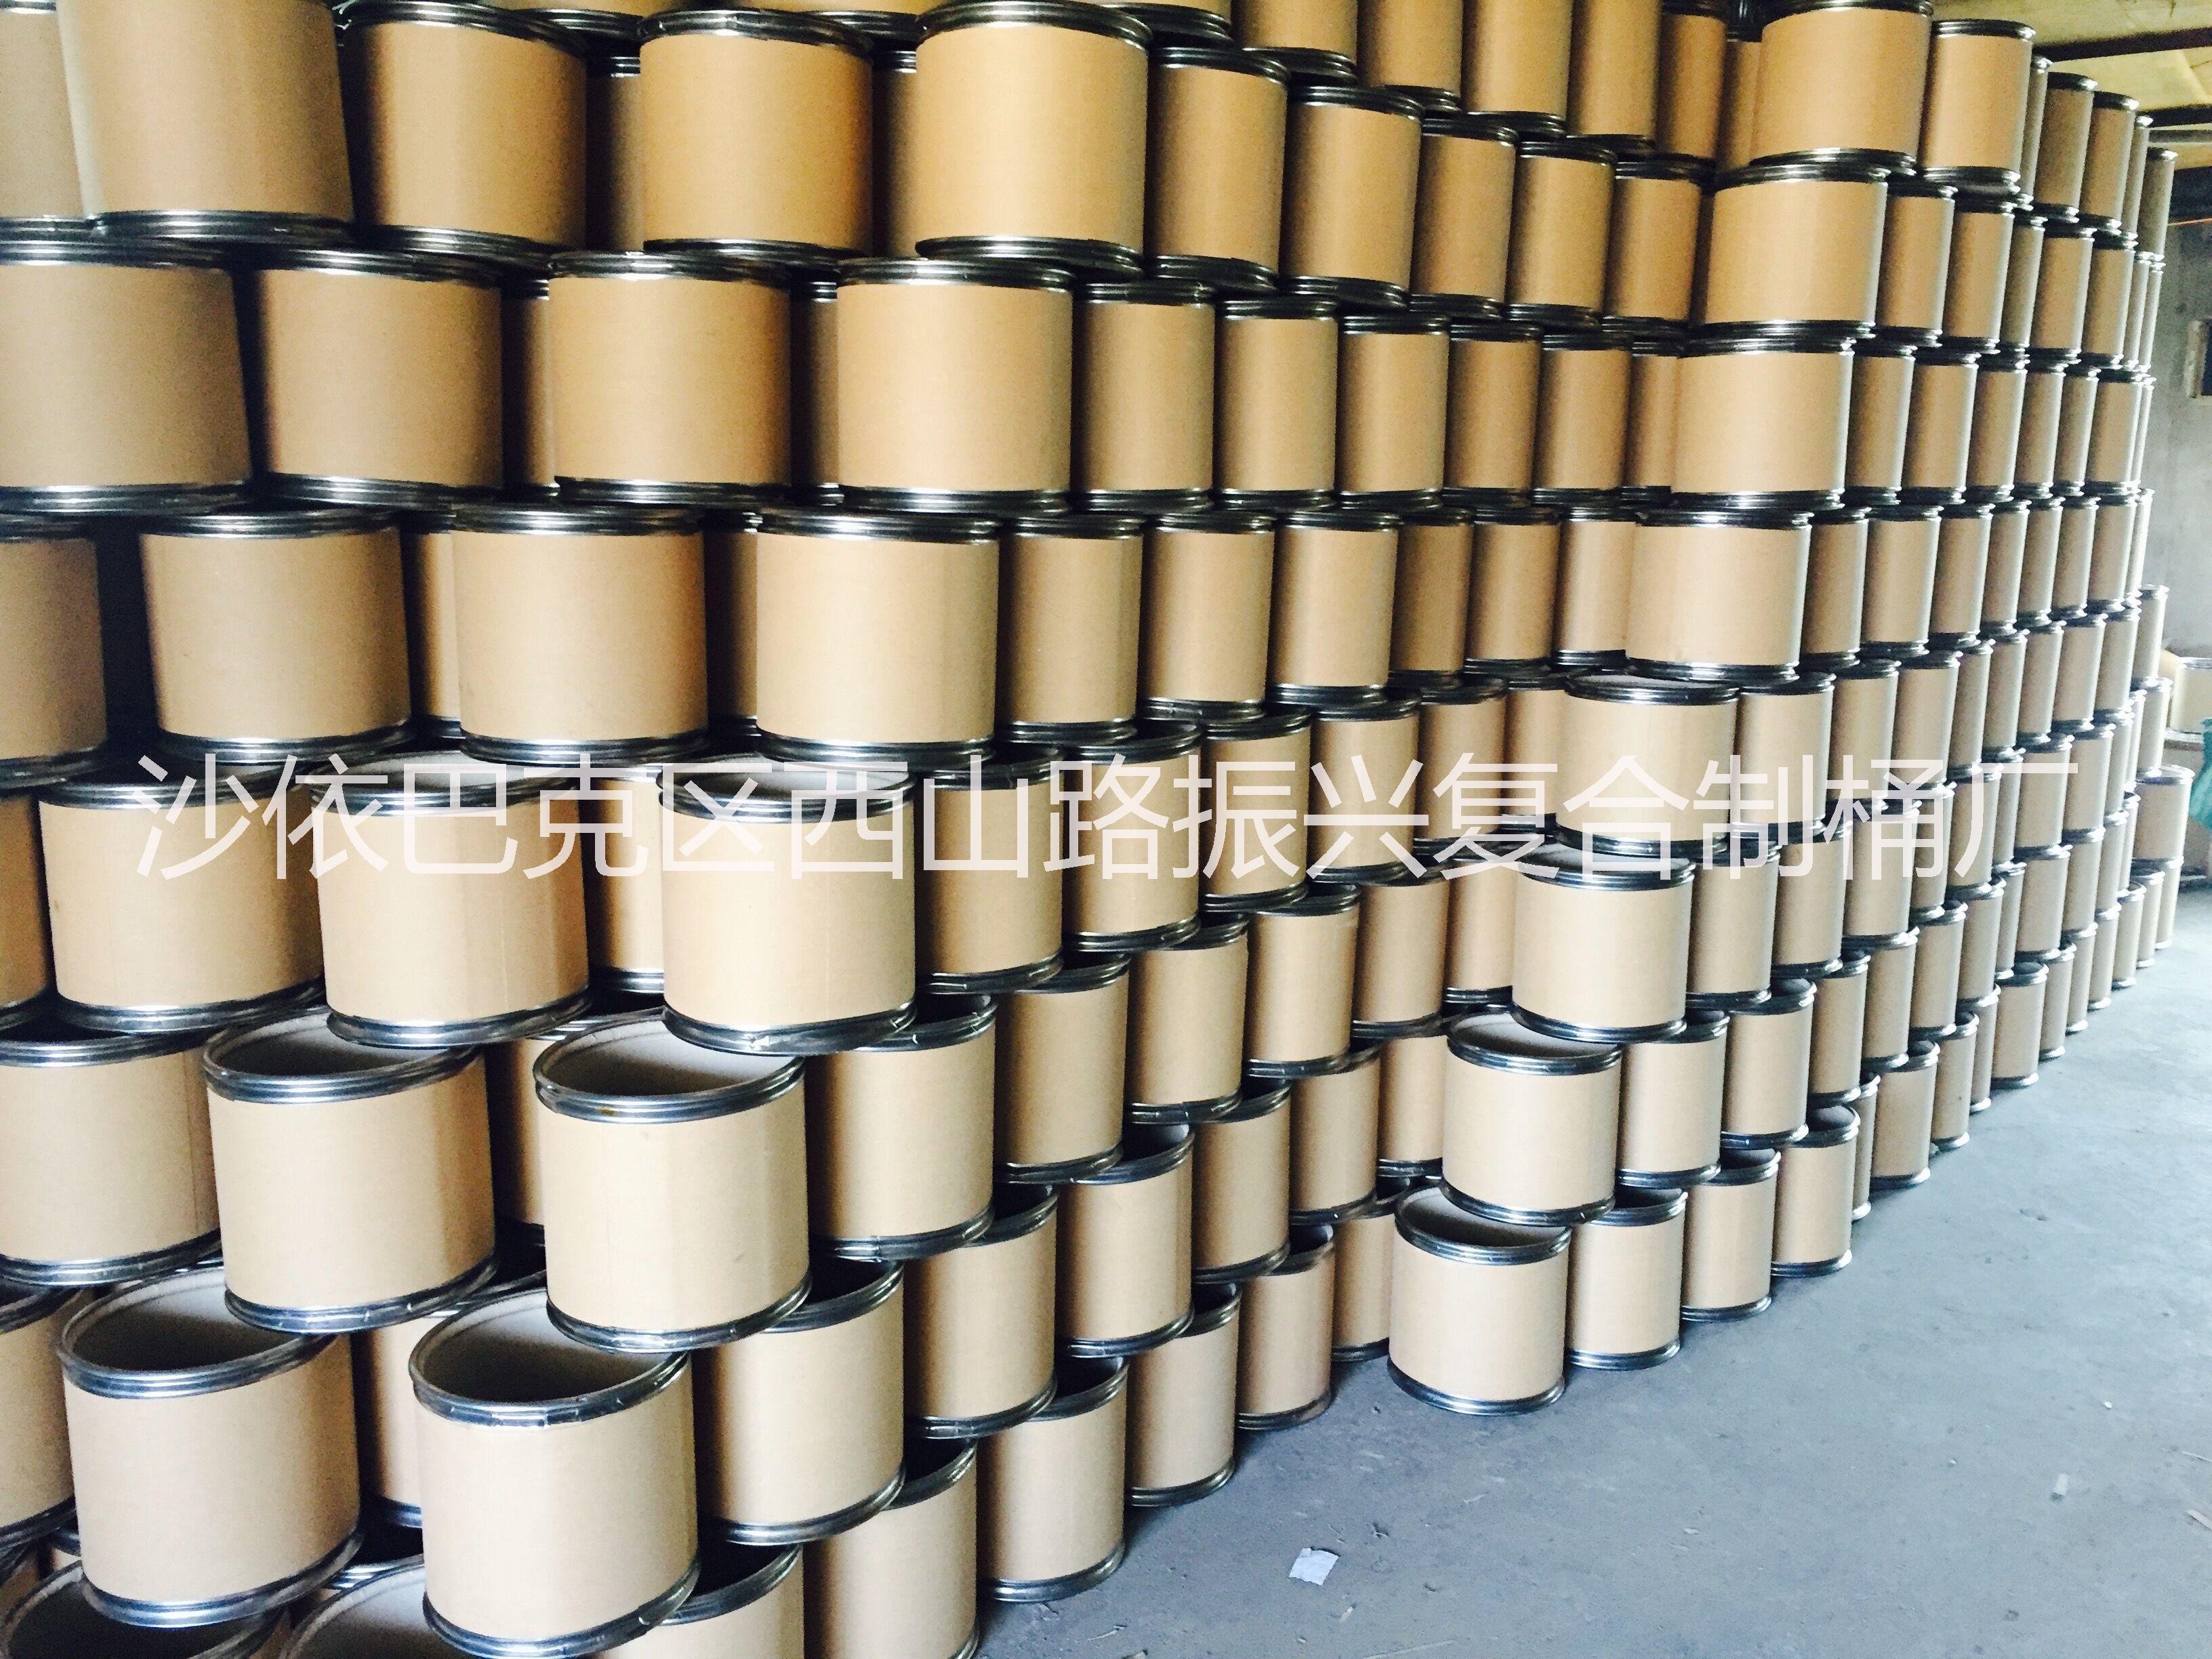 供应供应新疆铁箍牛皮卡纸桶 新疆铁箍纸桶 新疆纸桶厂家价格